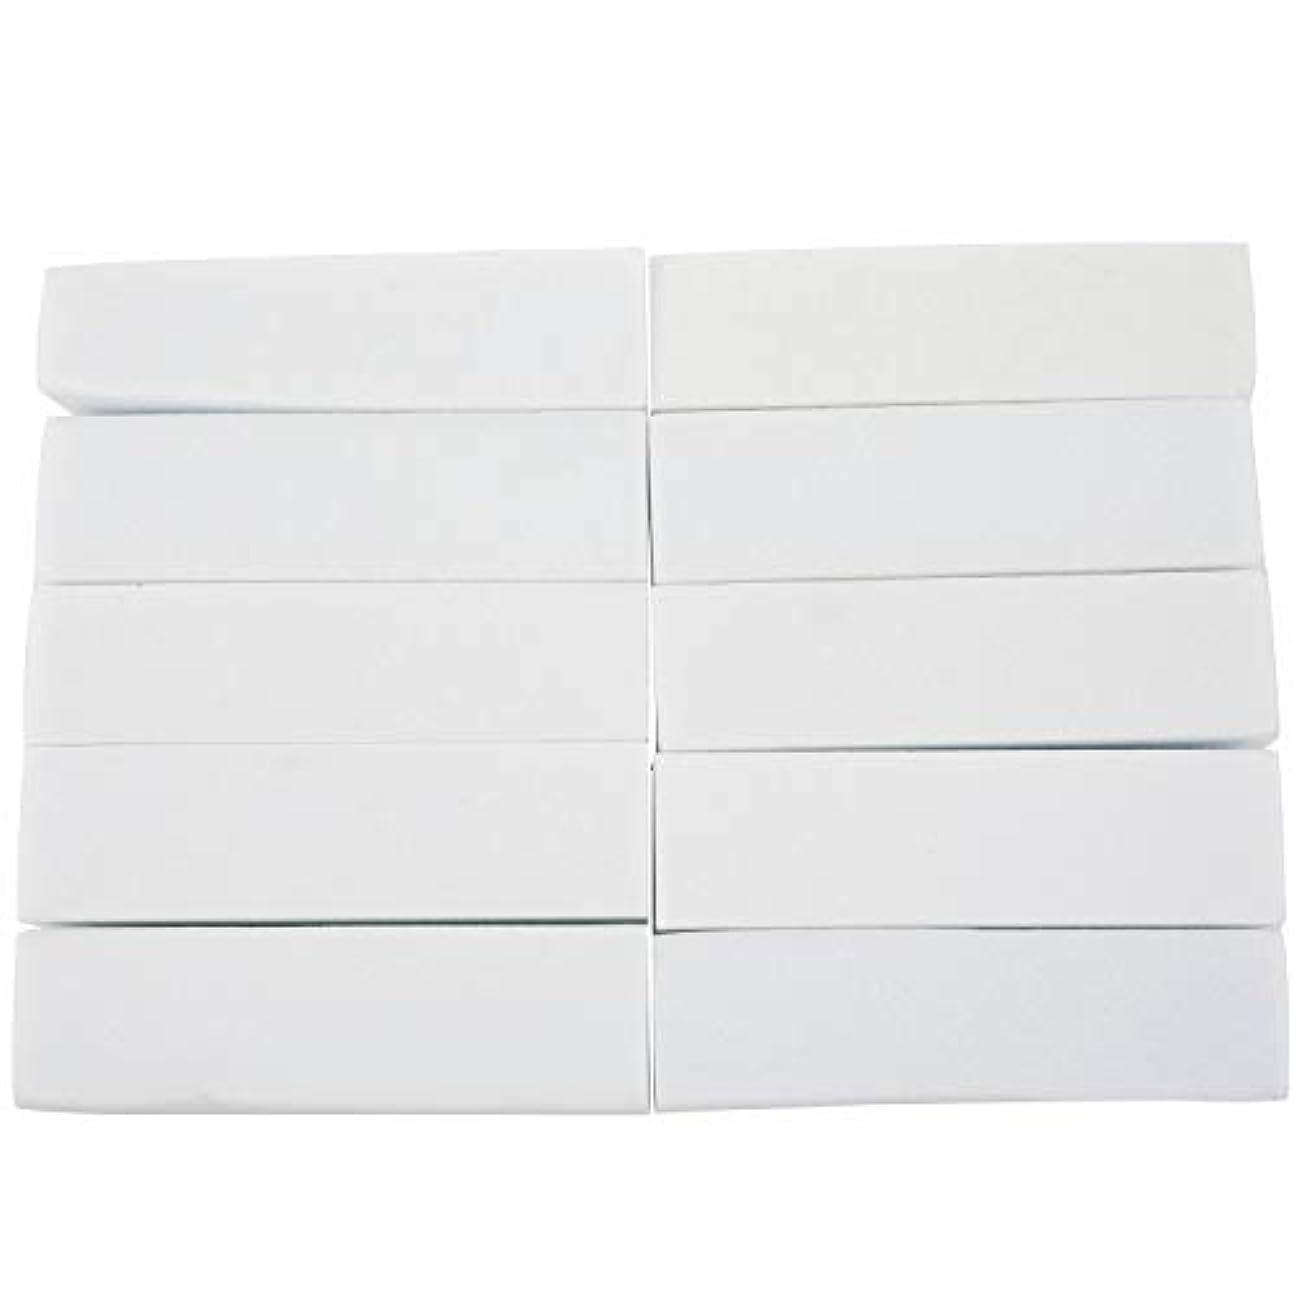 予想外選択する最大限Naliovker 10x白いのアクリルネイルアートのバフ研磨のツール、マニキュアツール